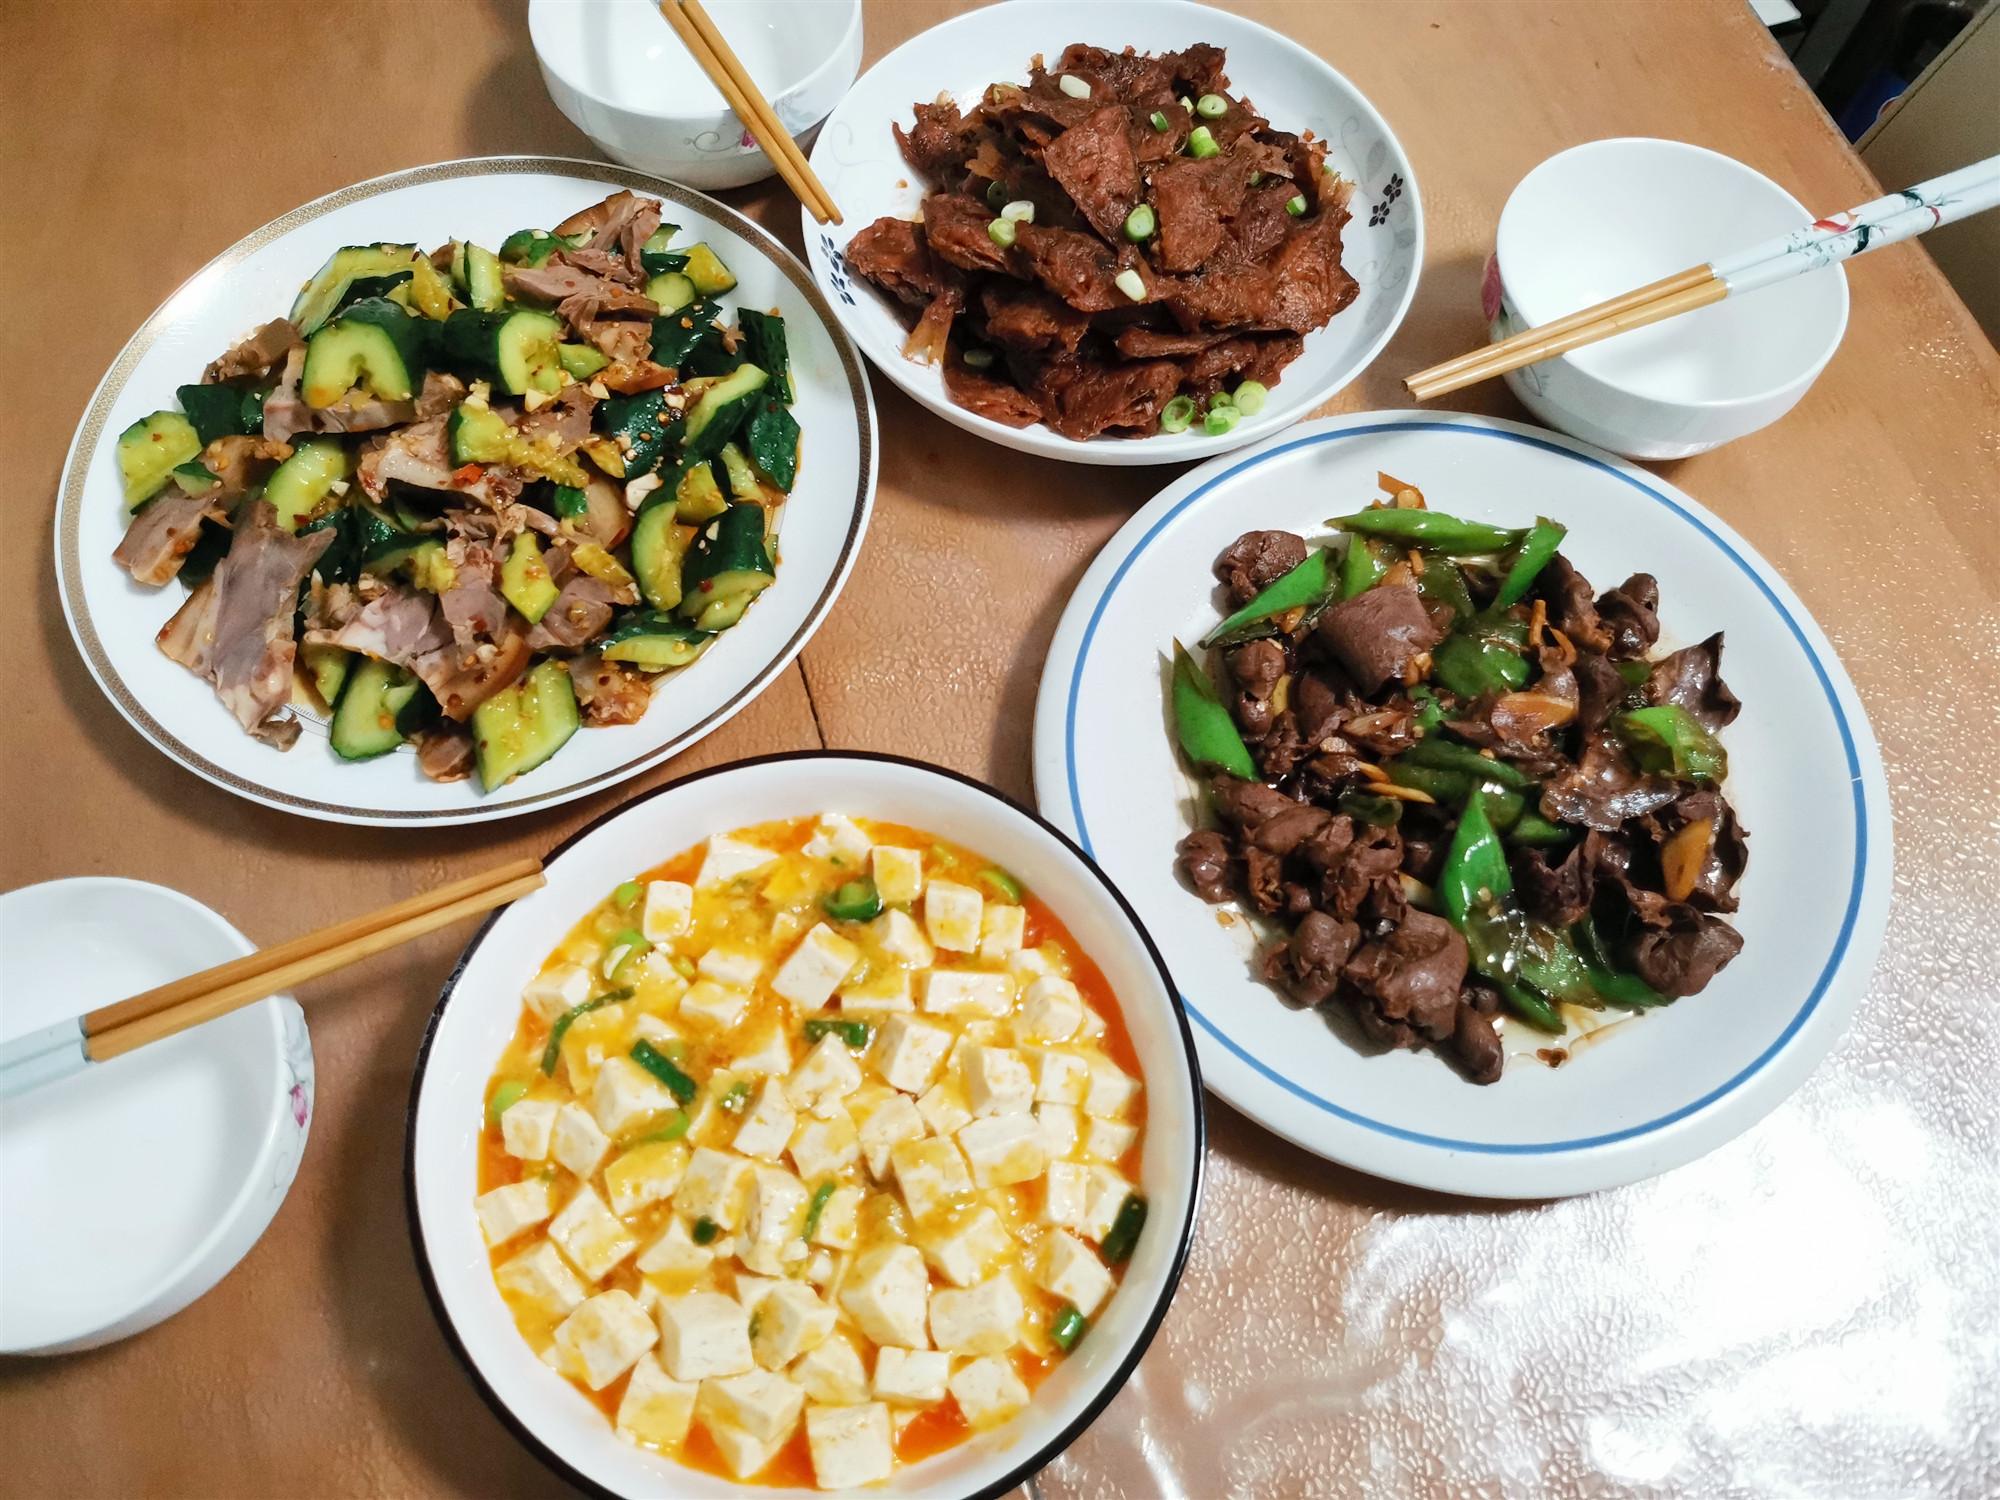 周末晚餐,做了4个菜,有肉有鱼,成本花了60块钱,真实惠